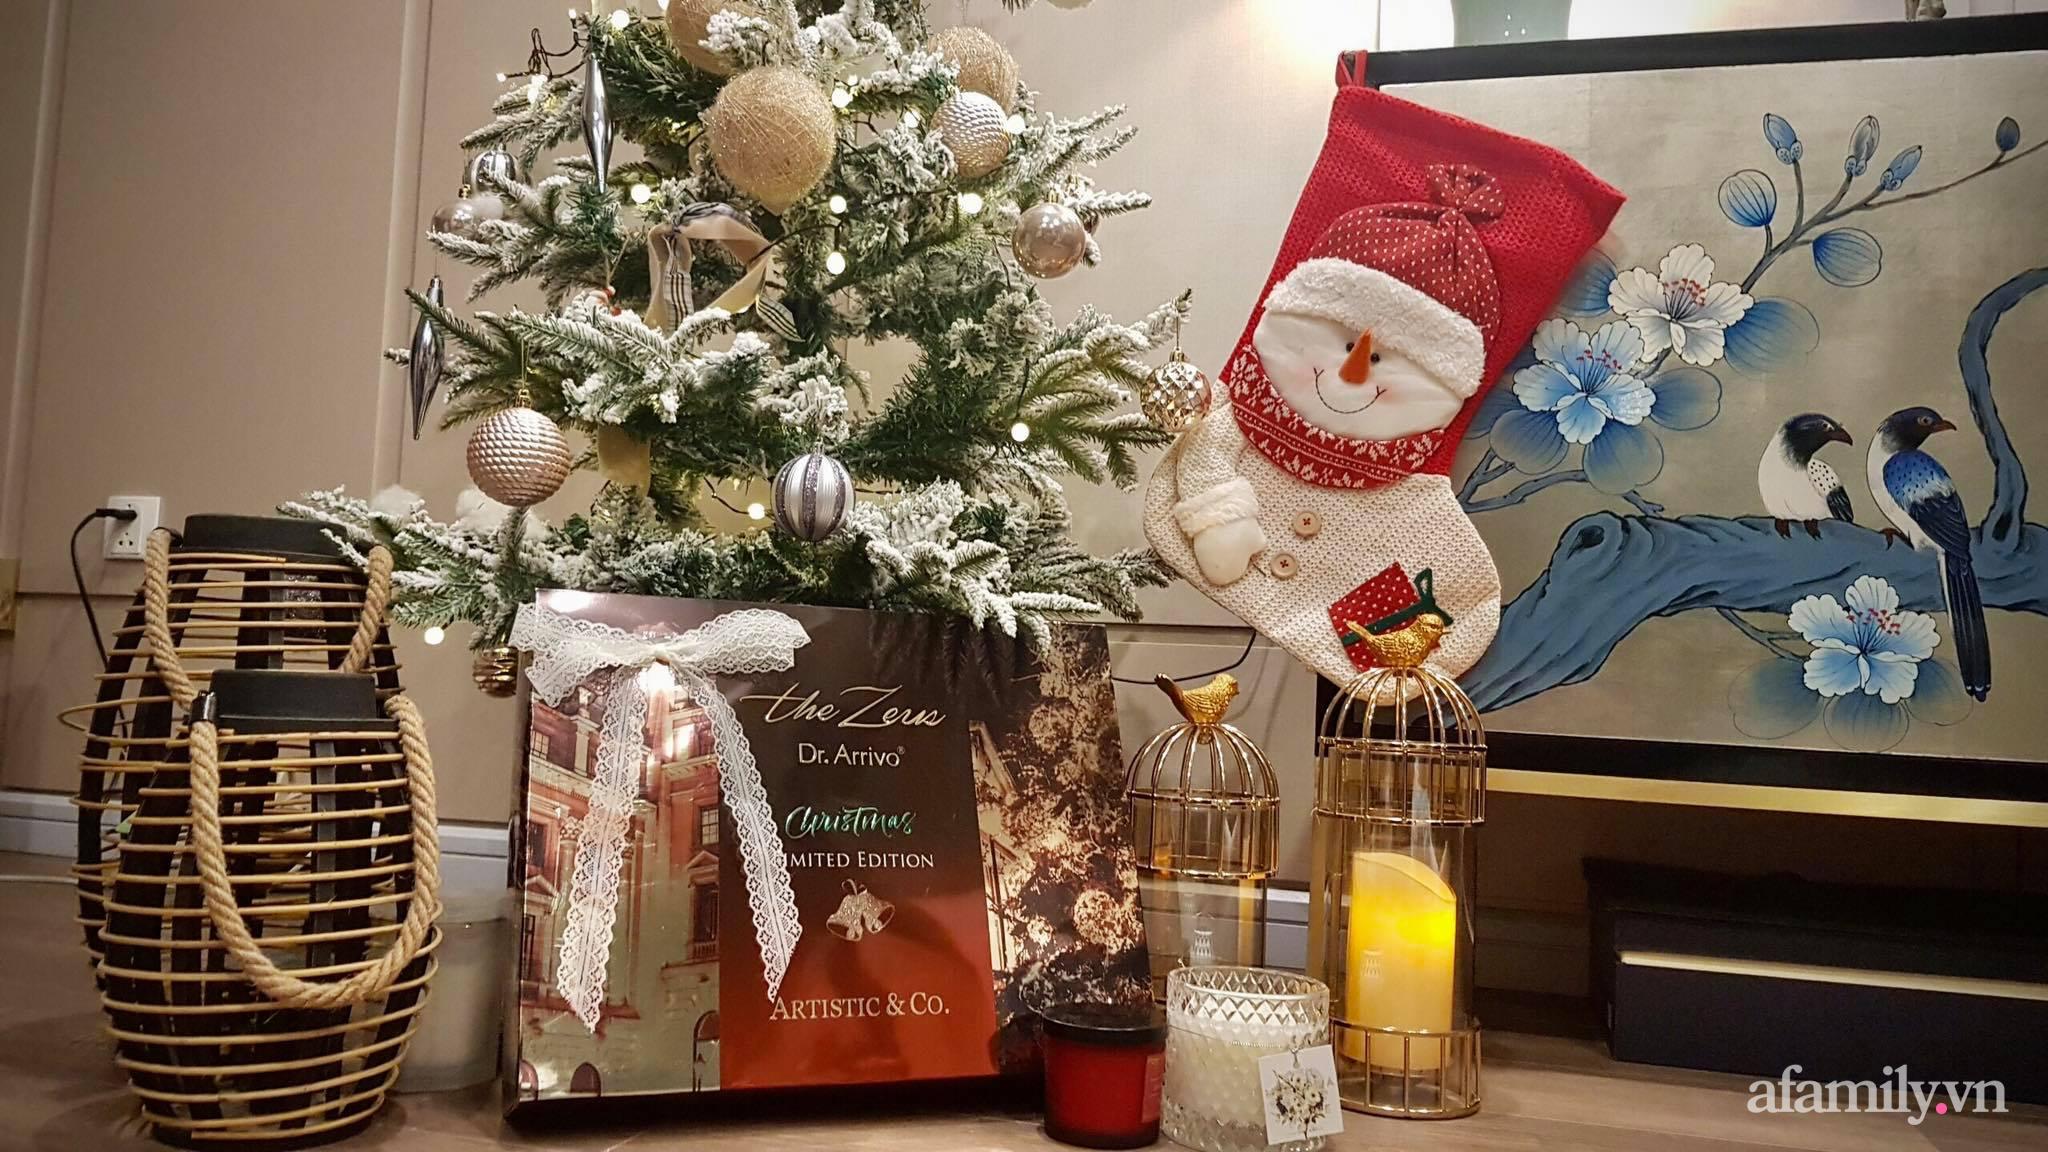 """Căn hộ """"thắp sáng"""" những sắc màu giúp từng góc nhỏ thêm ấm cúng đón Giáng sinh ở Hà Nội - Ảnh 4."""